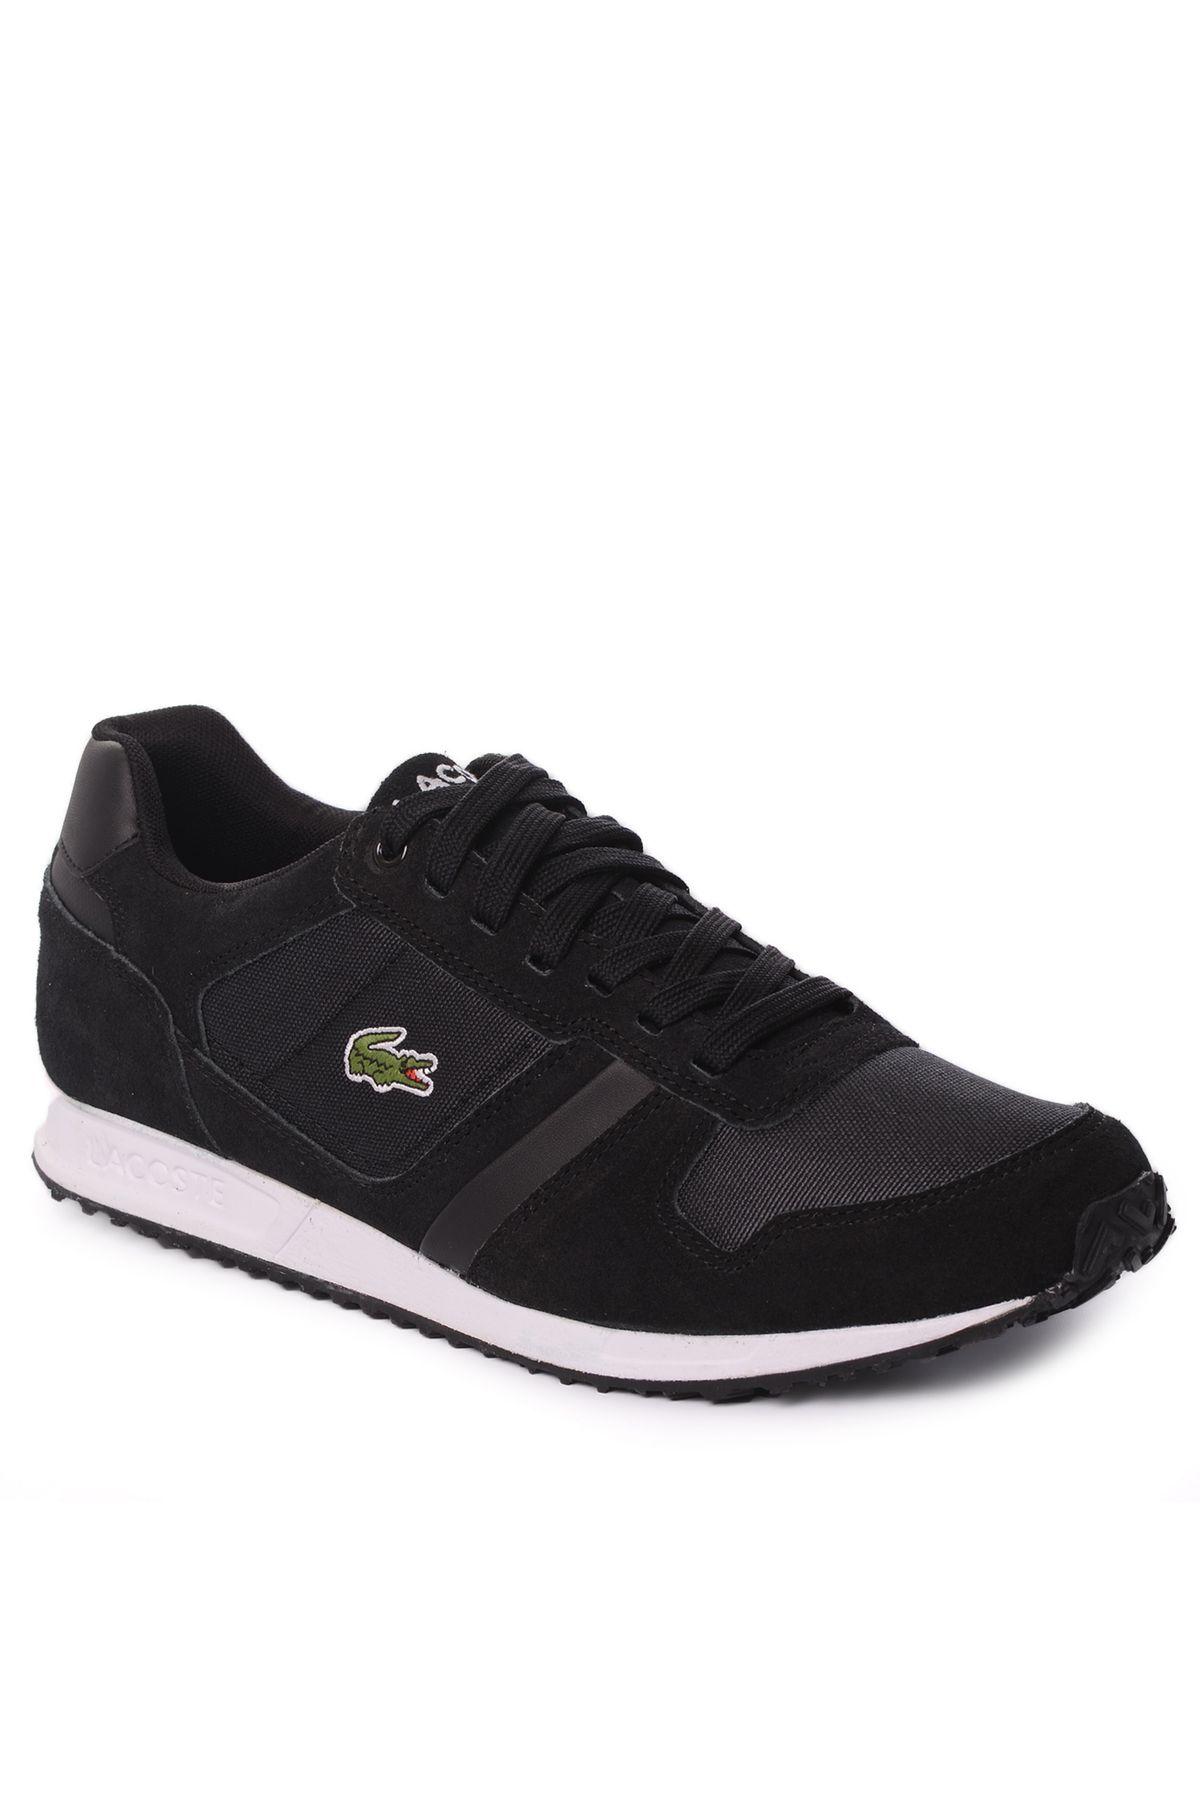 9b22ee00f9e07 Tênis Lacoste Vauban Pag   Mundial Calçados - Mundial Calçados